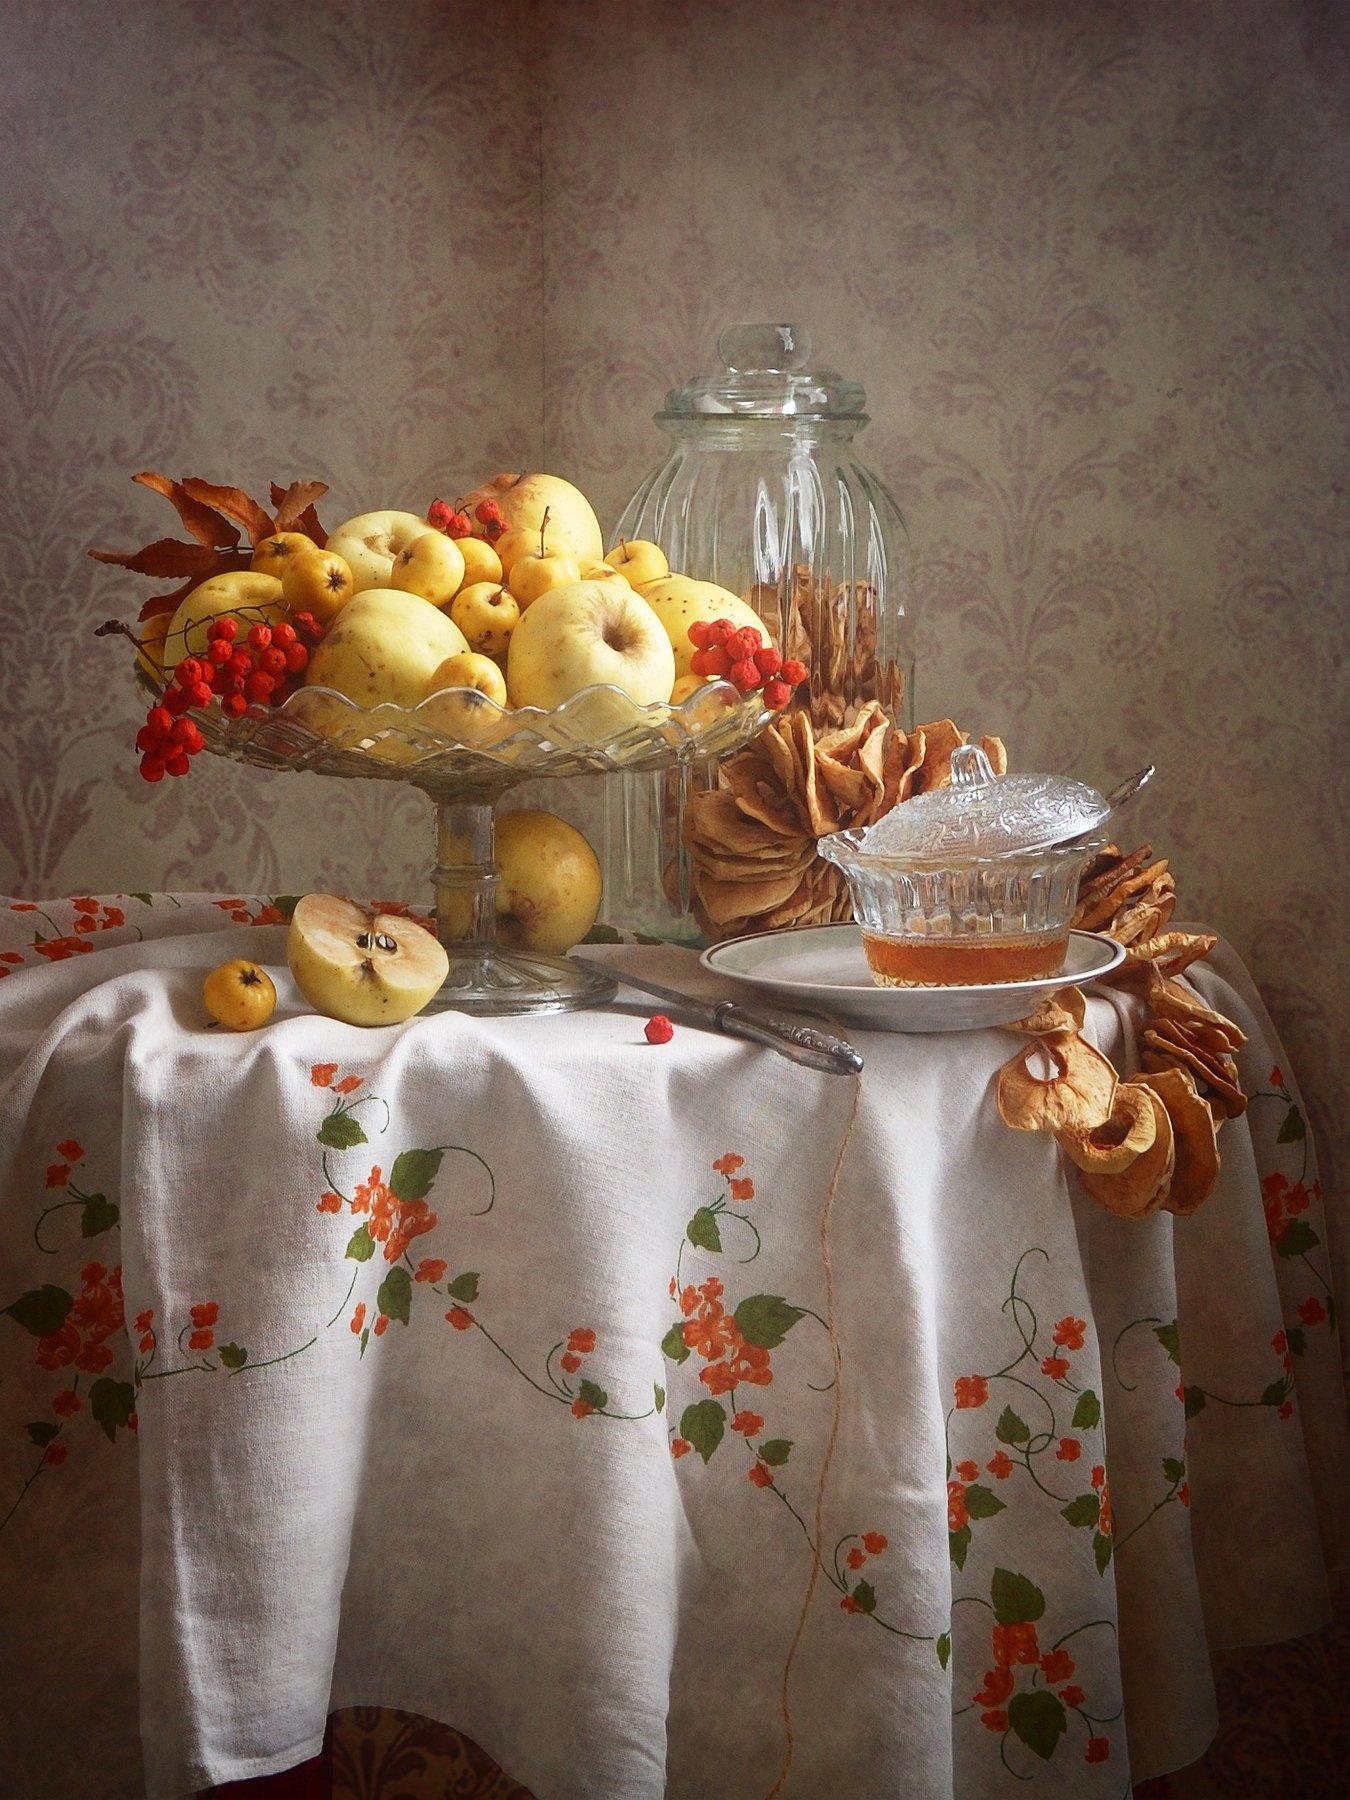 Сельский, натюрморт, желтый, осенний, яблоки, ваз, красный, ягоды, рябина, чашка, мед, льняной, скатерть, интерьер, деревенскй, Николай Панов